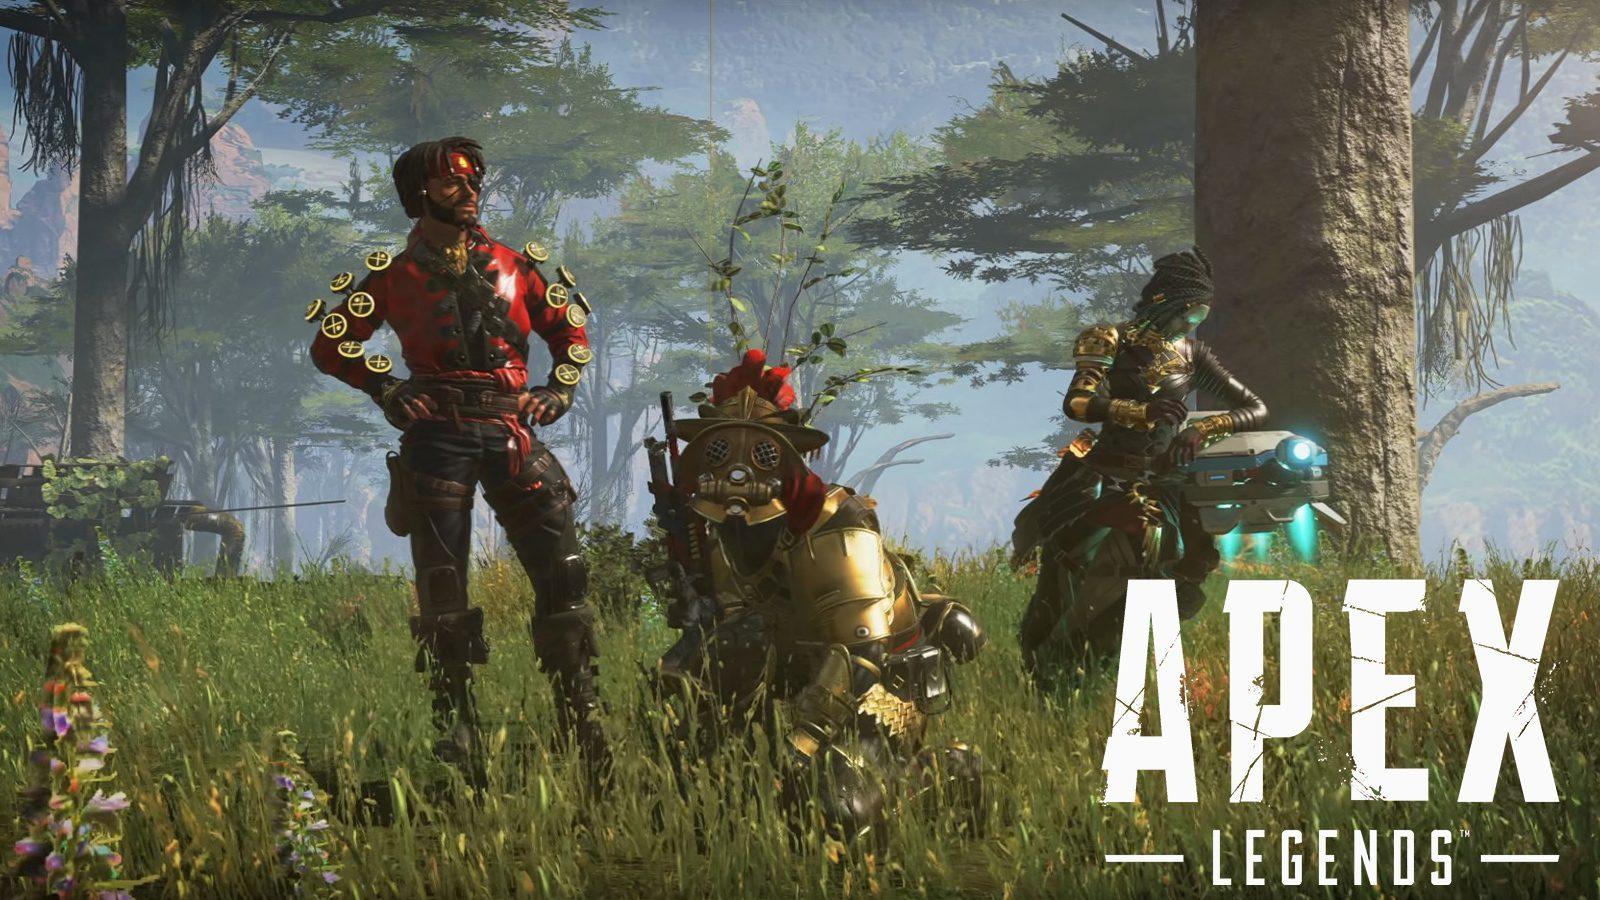 Apex Legends update 1.17